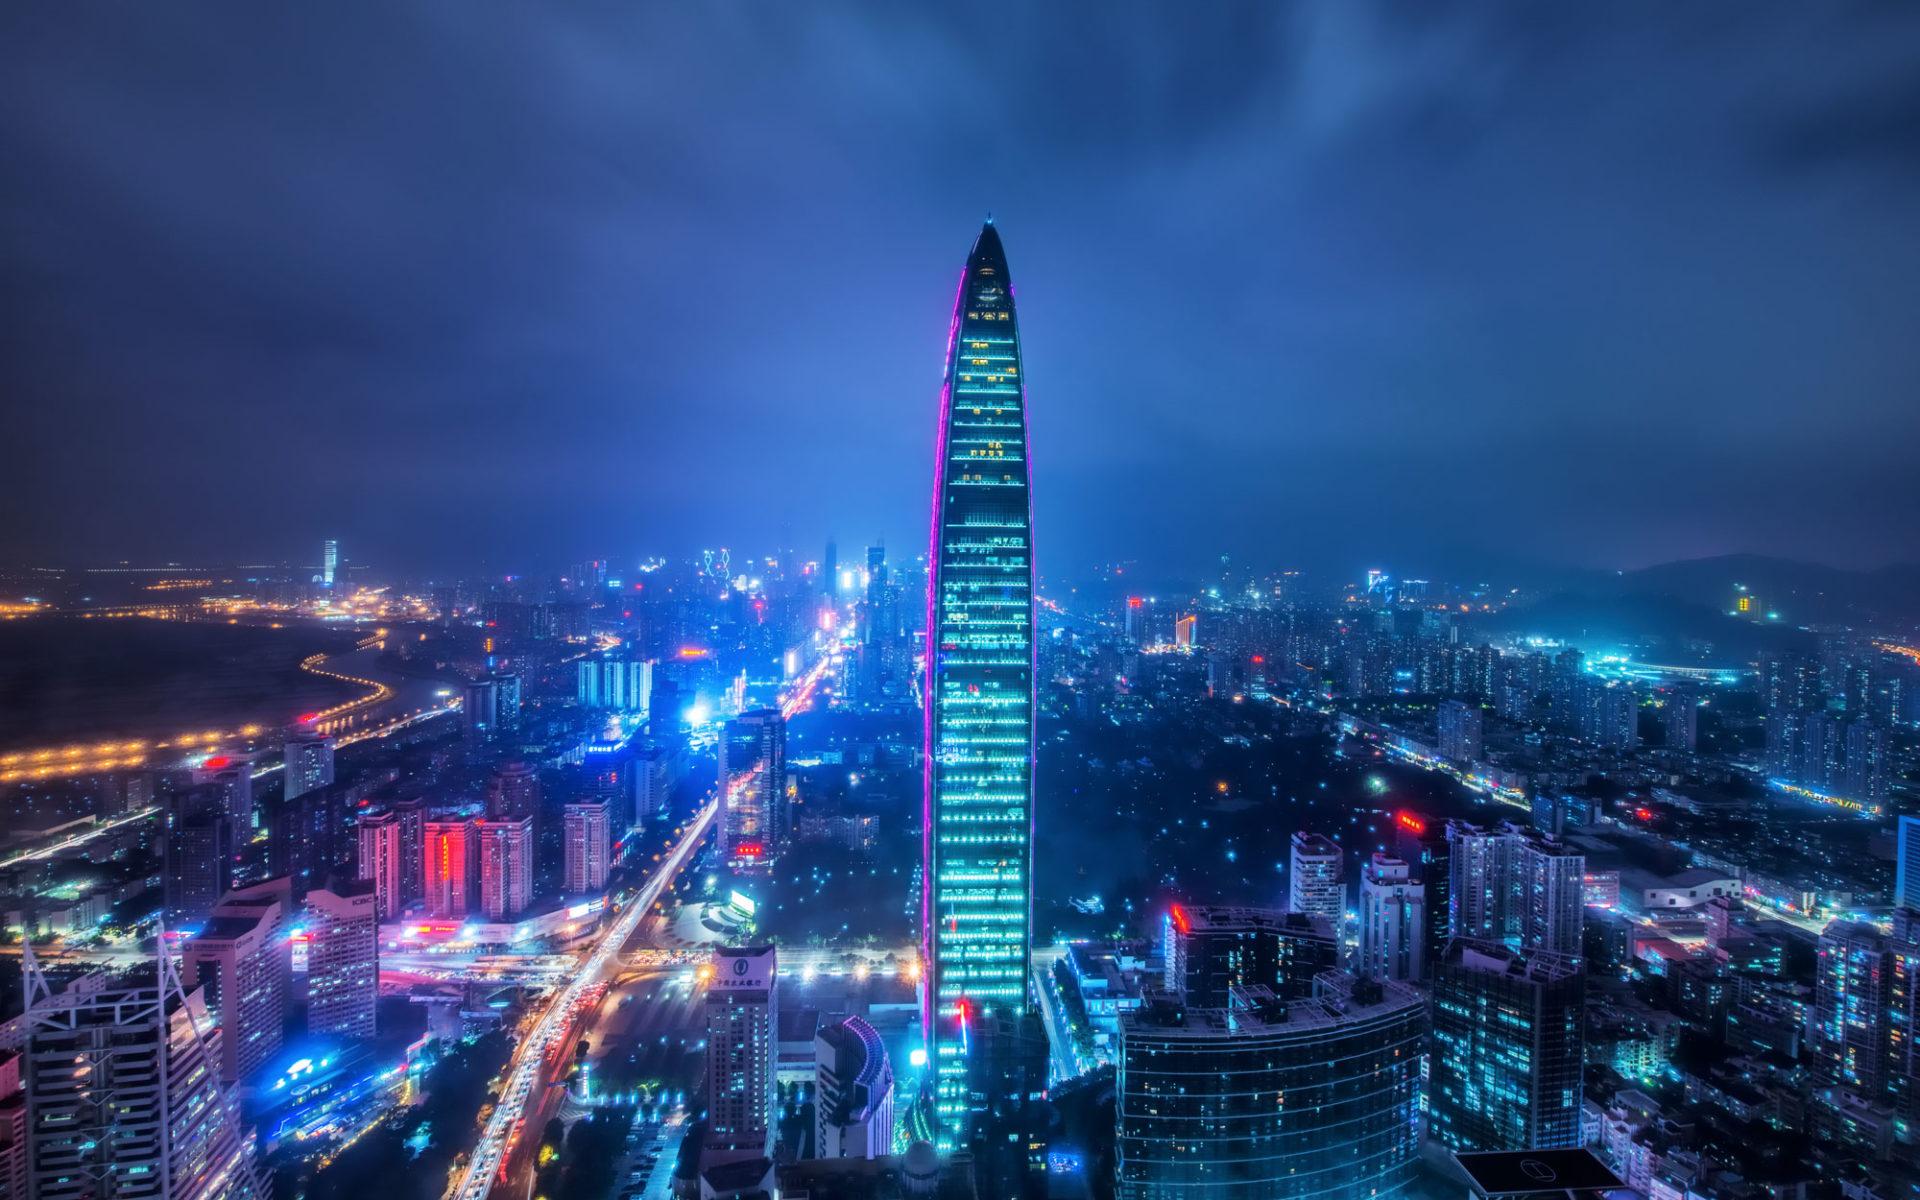 7. Kingkey 100 (Шэньчжэнь, Китай) – 442 метра.